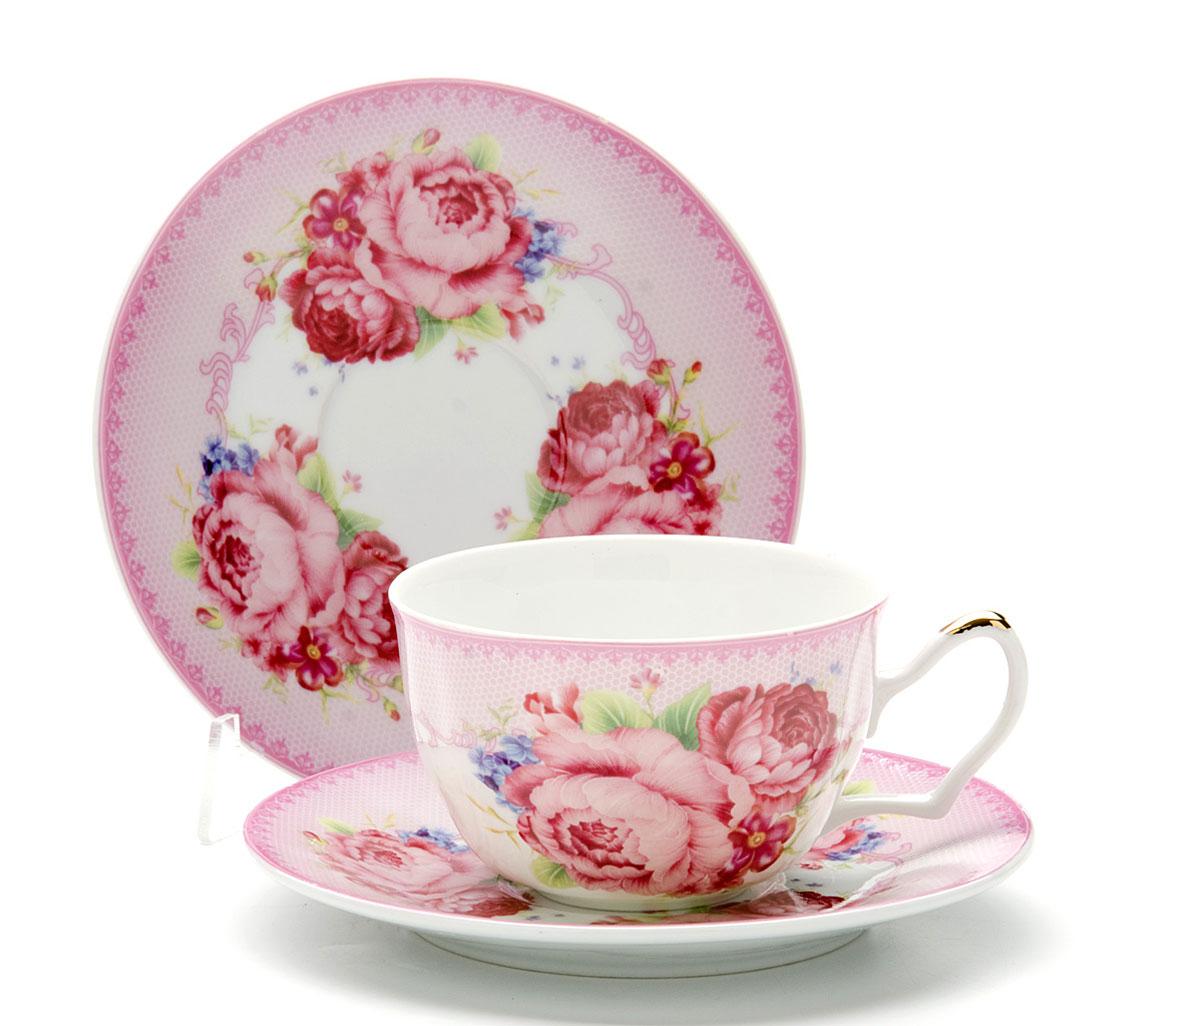 Чайная пара Loraine Розы, 250 мл, 4 предмета. 2459024590Этот чайный набор, выполненный из керамики, состоит из двух чашек и двух блюдец. Предметы набора оформлены ярким изображением цветов. Изящный дизайн и красочность оформления придутся по вкусу и ценителям классики, и тем, кто предпочитает утонченность и изысканность. Чайный набор - идеальный и необходимый подарок для вашего дома и для ваших друзей в праздники, юбилеи и торжества! Он также станет отличным корпоративным подарком и украшением любой кухни. Чайный набор упакован в подарочную коробку из плотного цветного картона. Внутренняя часть коробки задрапирована белым атласом.